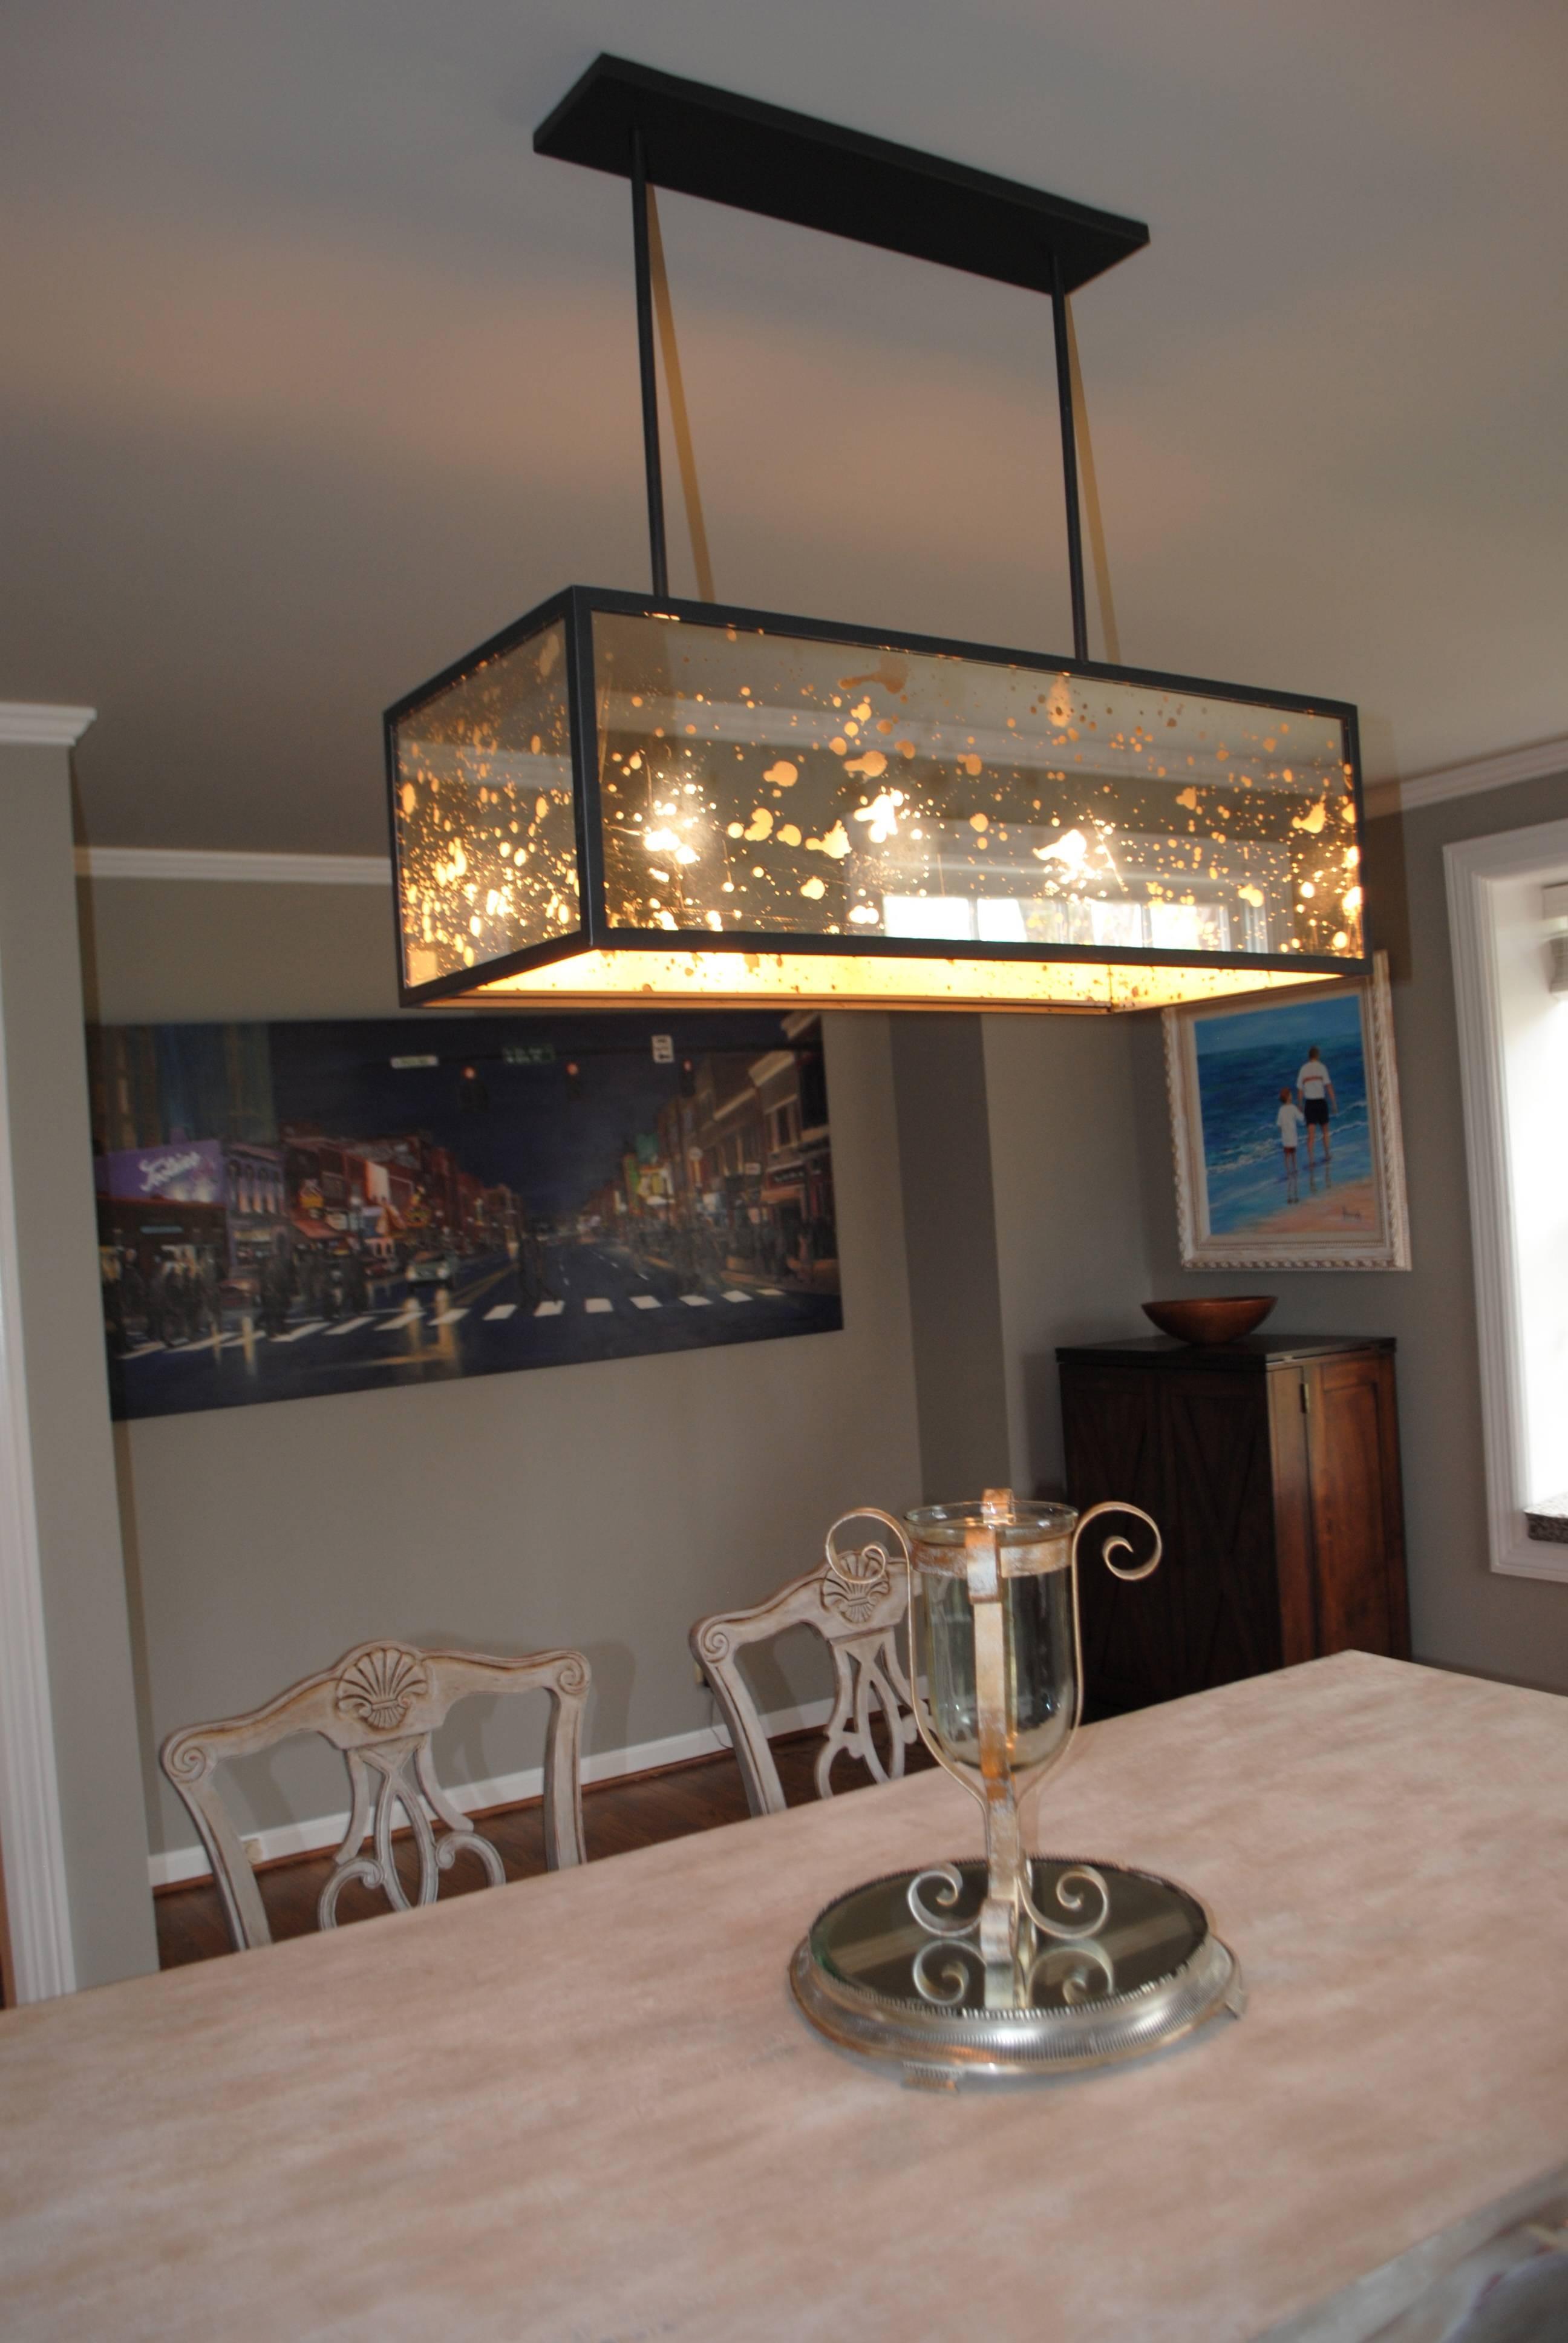 Nancesense | Blog Of Nancy Mcnulty - Part 2 regarding Mercury Glass Lighting Fixtures (Image 13 of 15)